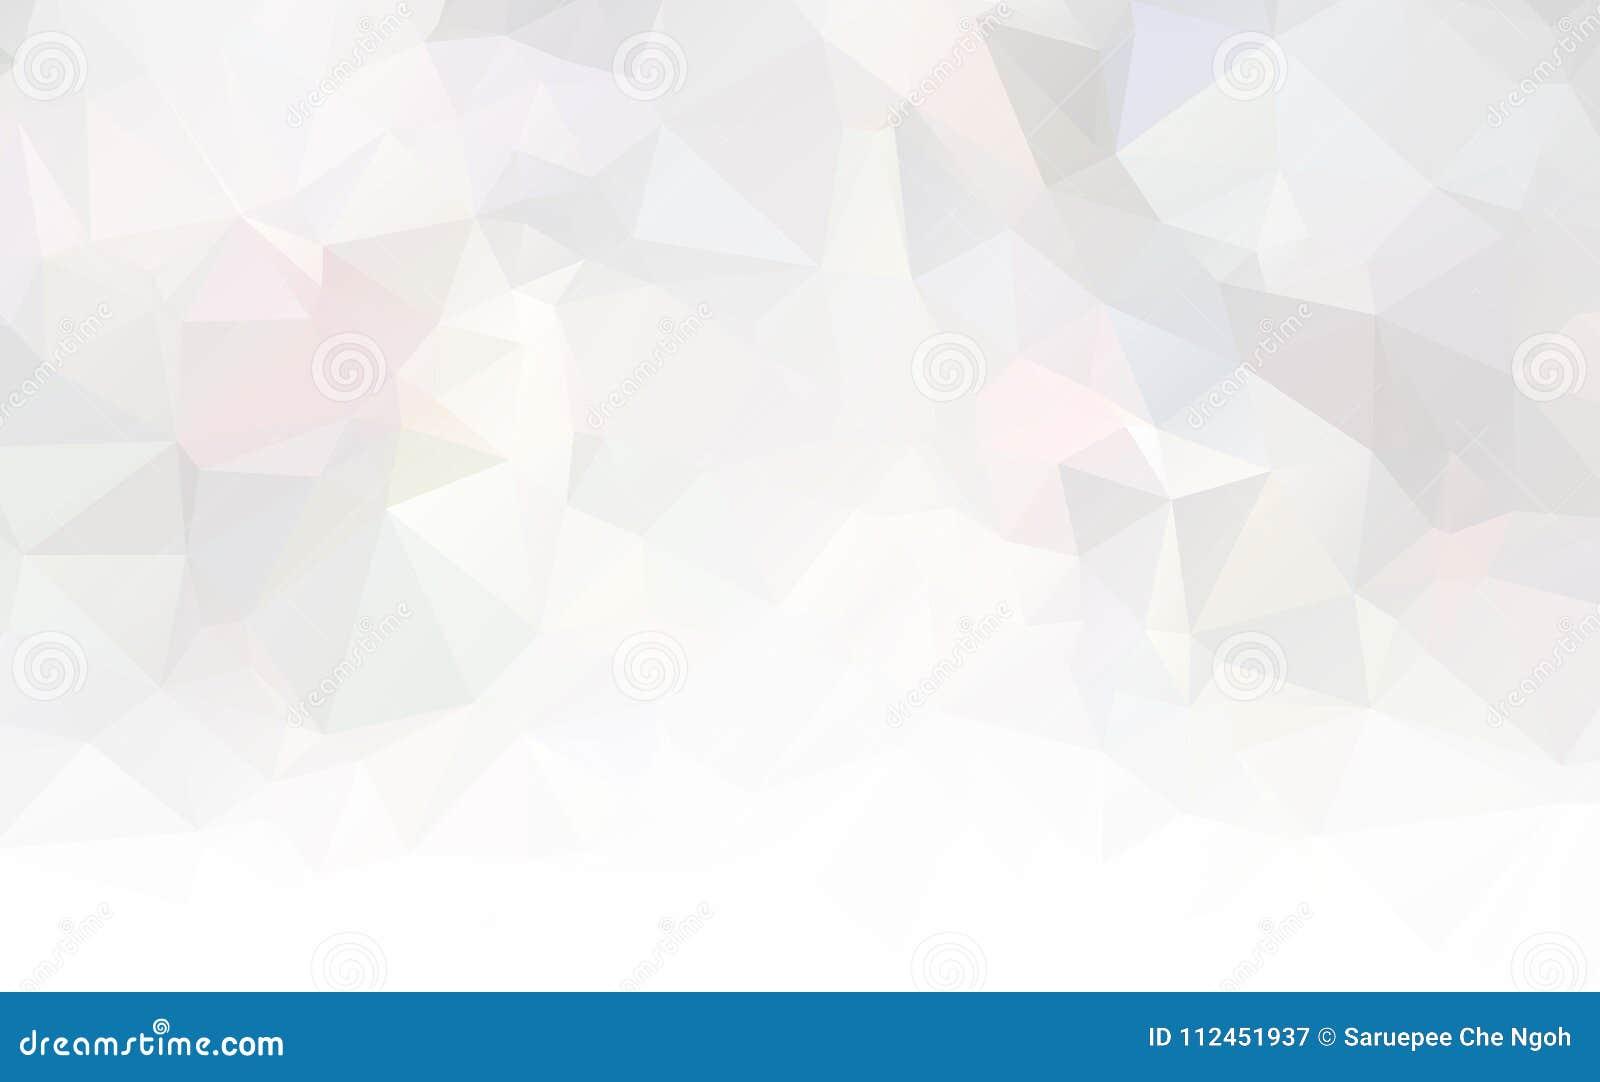 Διανυσματικό υπόβαθρο τριγώνων πολυγώνων αφηρημένο σύγχρονο Polygonal γεωμετρικό